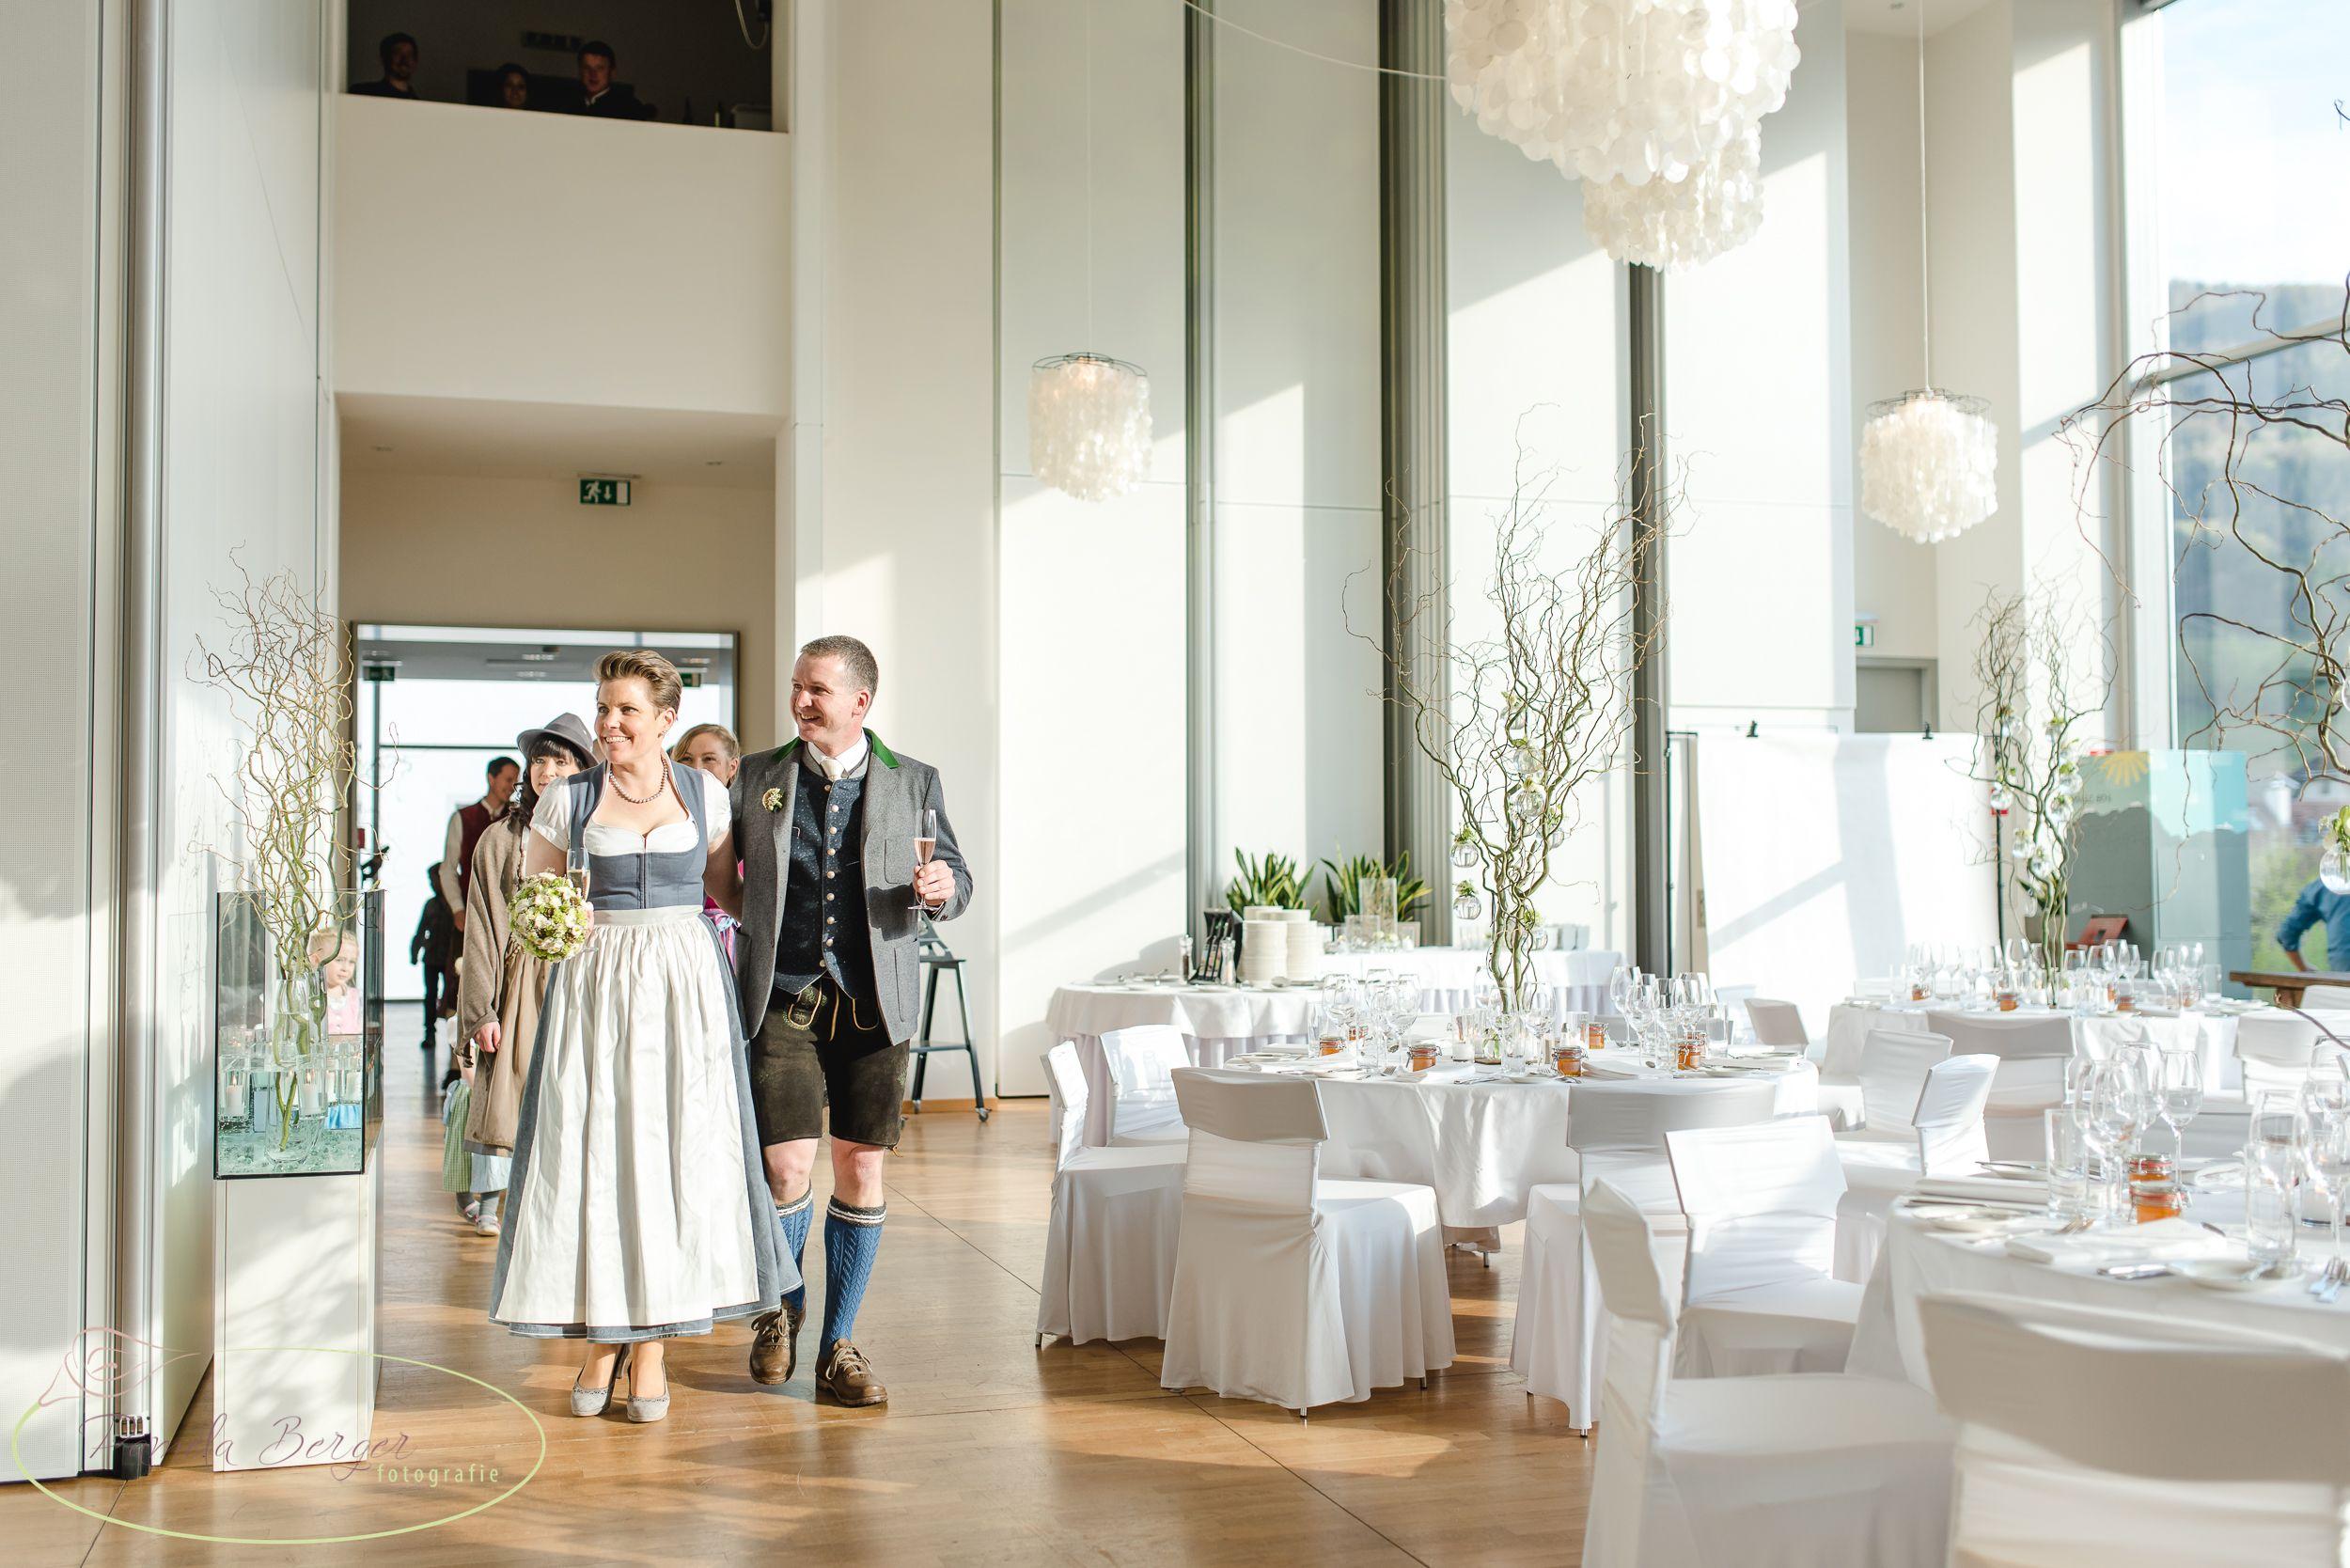 Trachtige Aber Sehr Moderne Hochzeit Mit Viel Liebe Fur Details Im Hotel Schloss An Der Eisenstrasse In Waidhofen Ybbs Fotografie Hochzeit Familienfotos